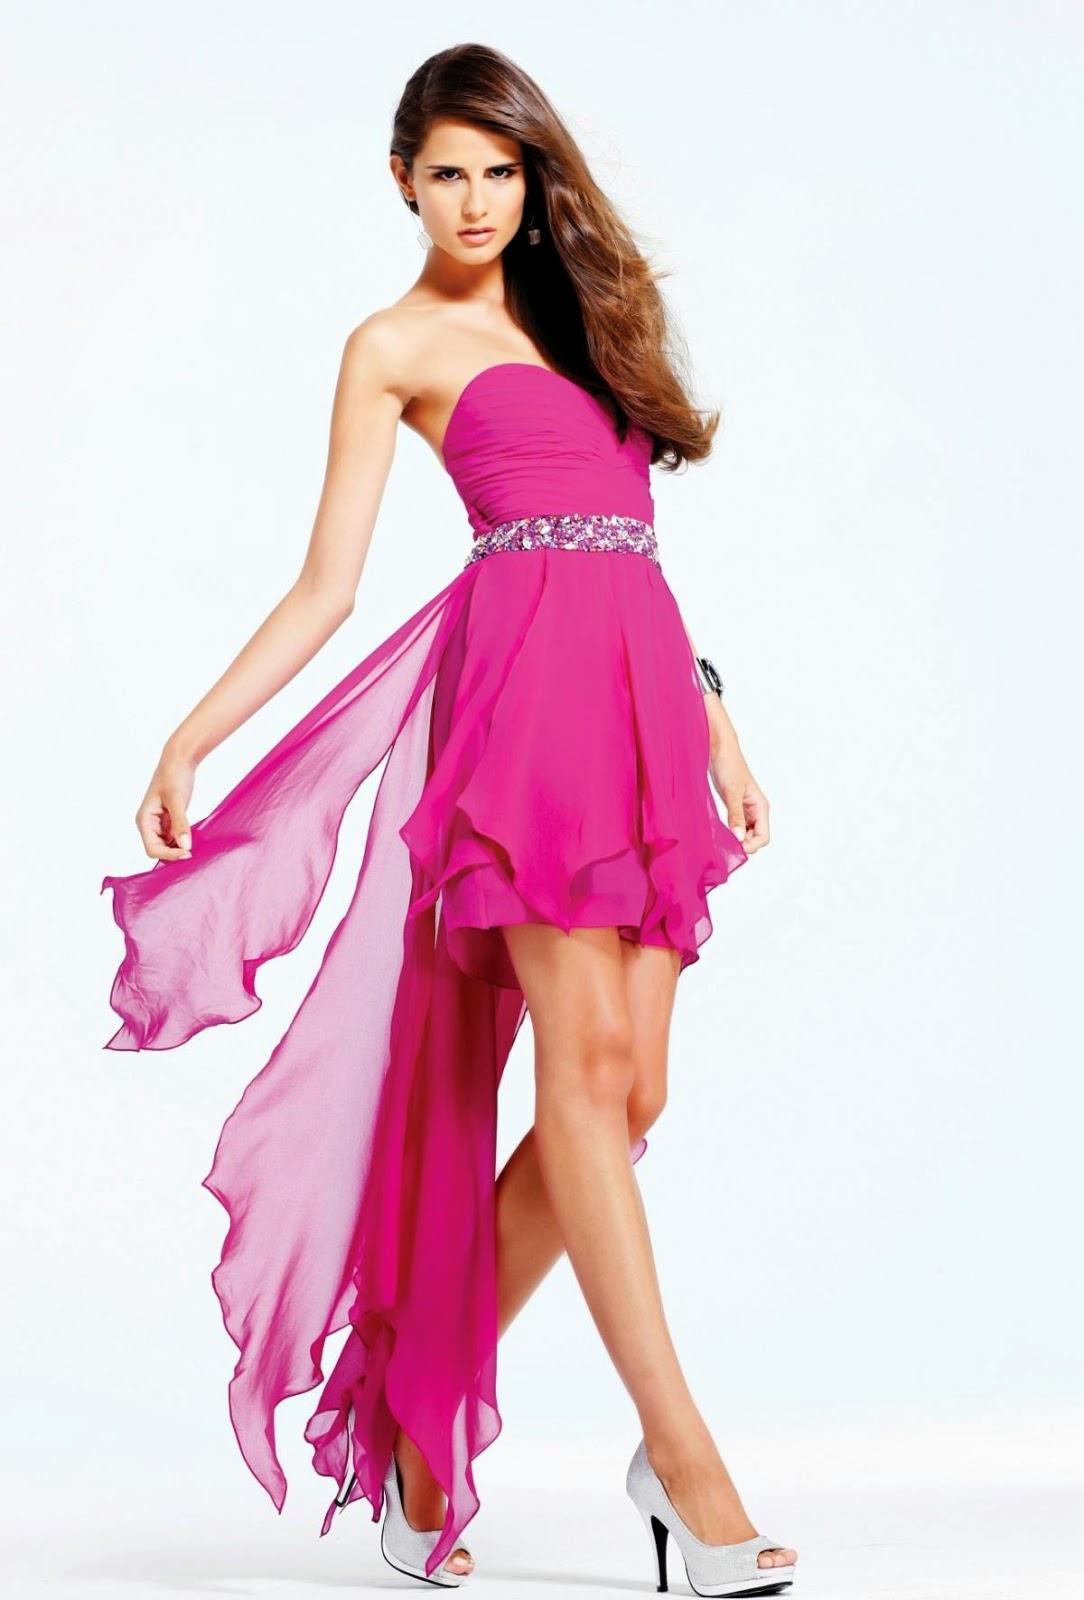 Hermosa Vestido De Fiesta Corto Uk Imágenes - Colección de Vestidos ...